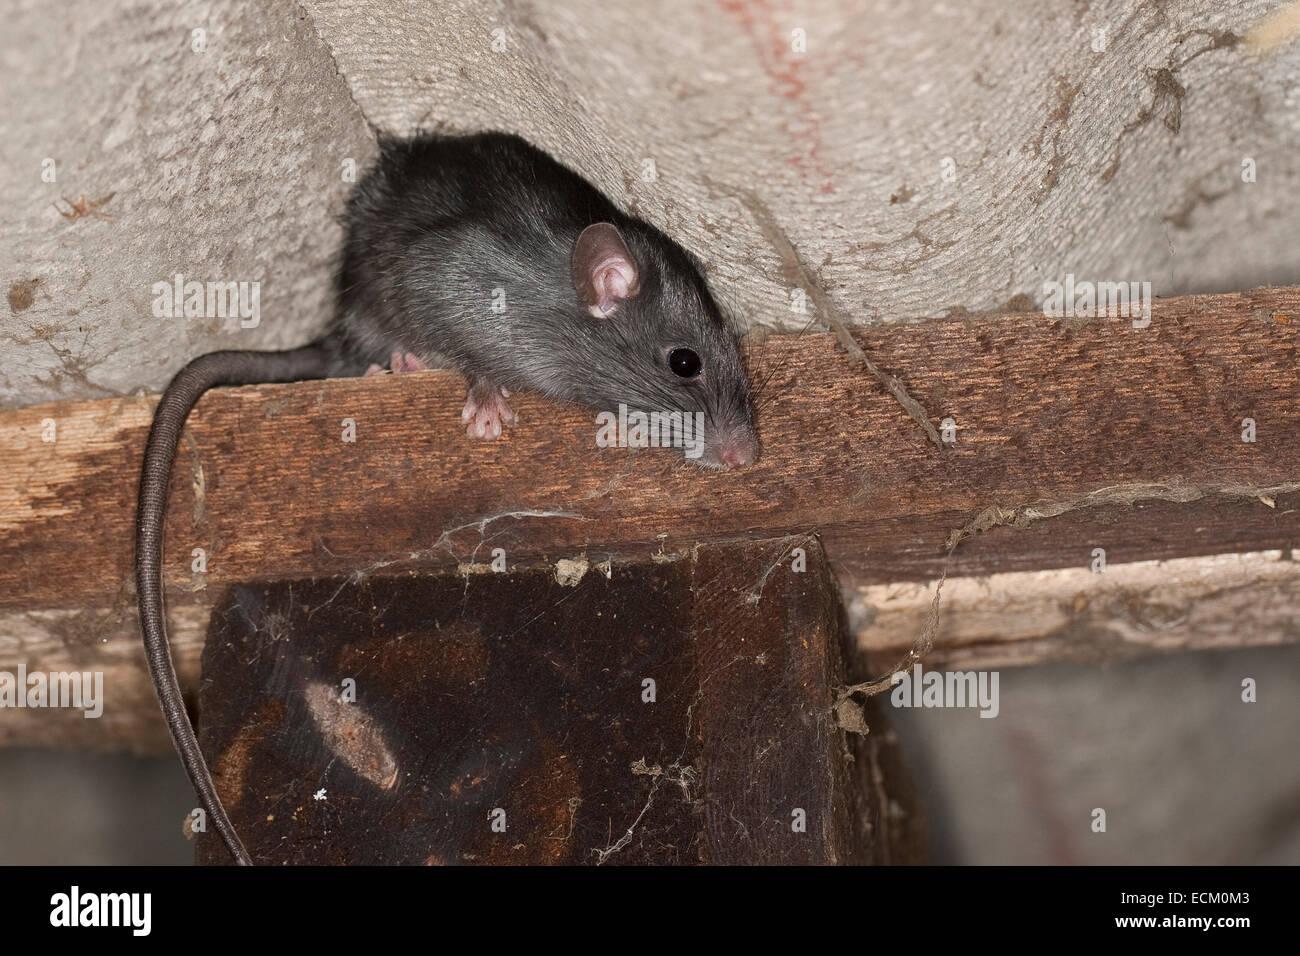 Black Rat, Roof Rat, House Rat, Ship Rat, Rats, Hausratte, Haus Ratte,  Ratte, Ratten, Rattus Rattus, Rat Noir, Rat Des Greniers